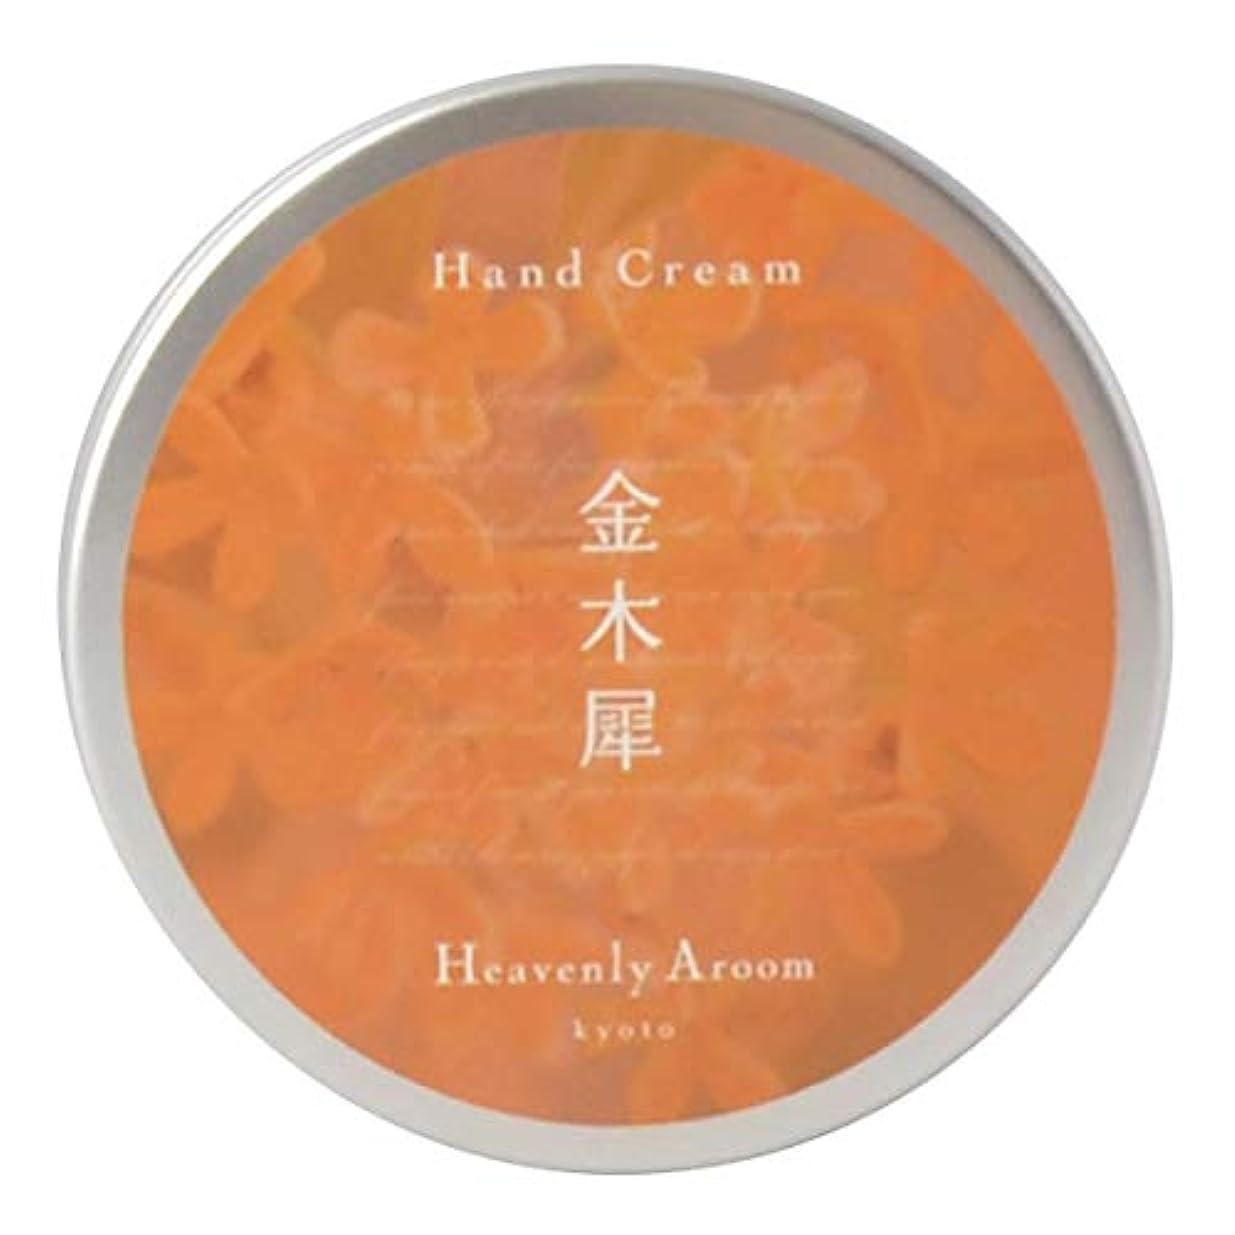 熱意刺繍確認Heavenly Aroom ハンドクリーム 金木犀 75g